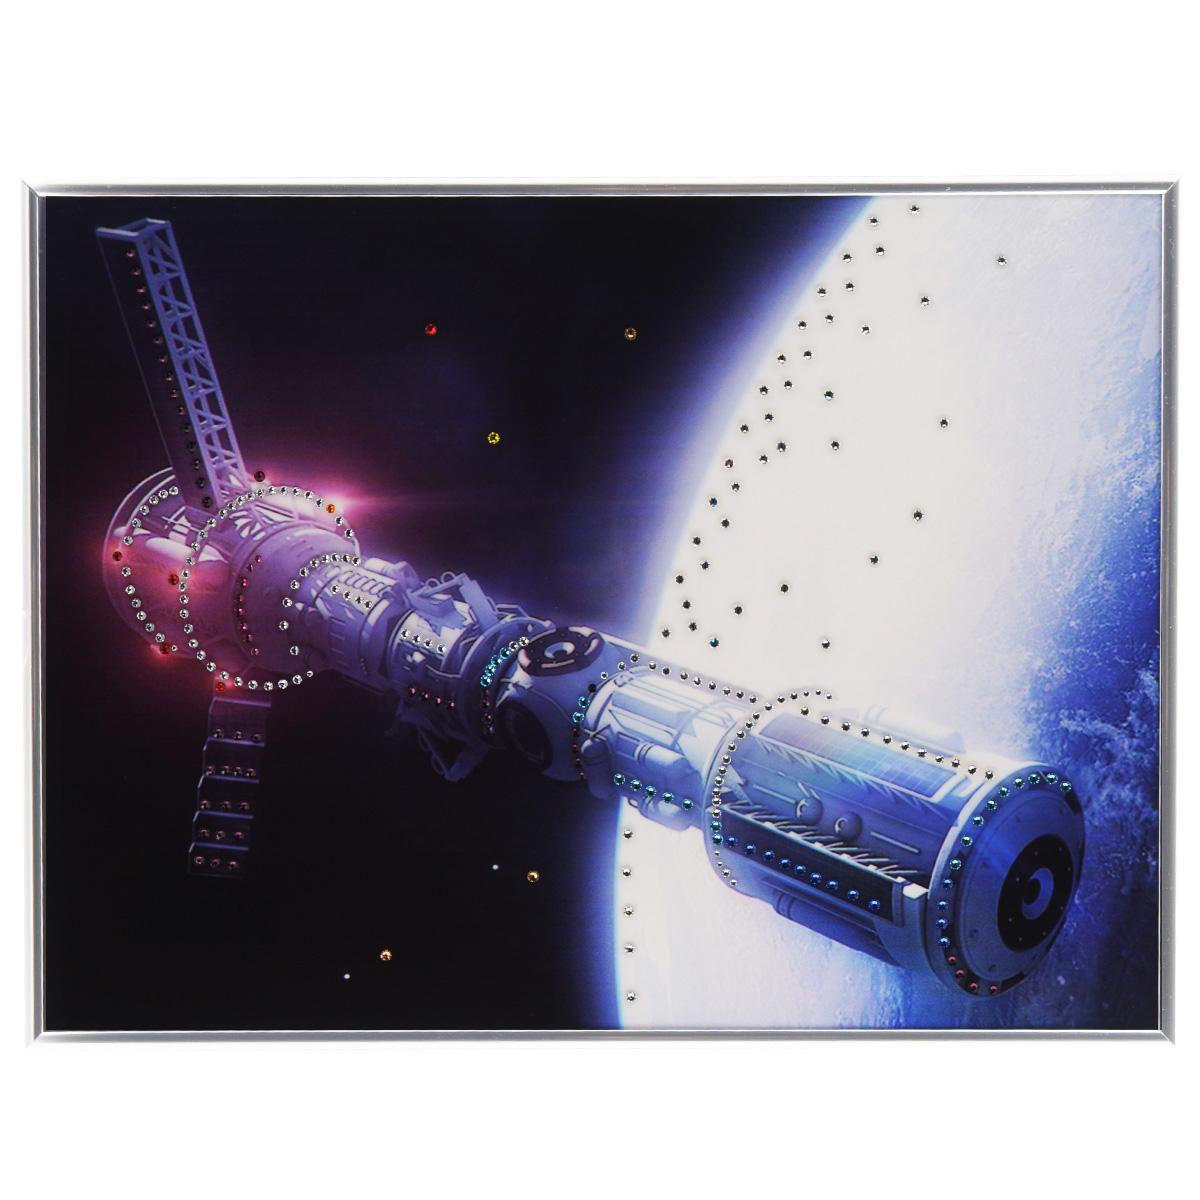 Картина с кристаллами Swarovski В космосе, 40 см х 30 смES-412Изящная картина в металлической раме, инкрустирована кристаллами Swarovski, которые отличаются четкой и ровной огранкой, ярким блеском и чистотой цвета. Красочное изображение космического корабля, расположенное под стеклом, прекрасно дополняет блеск кристаллов. С обратной стороны имеется металлическая петелька для размещения картины на стене. Картина с кристаллами Swarovski В космосе элегантно украсит интерьер дома или офиса, а также станет прекрасным подарком, который обязательно понравится получателю. Блеск кристаллов в интерьере, что может быть сказочнее и удивительнее. Картина упакована в подарочную картонную коробку синего цвета и комплектуется сертификатом соответствия Swarovski.